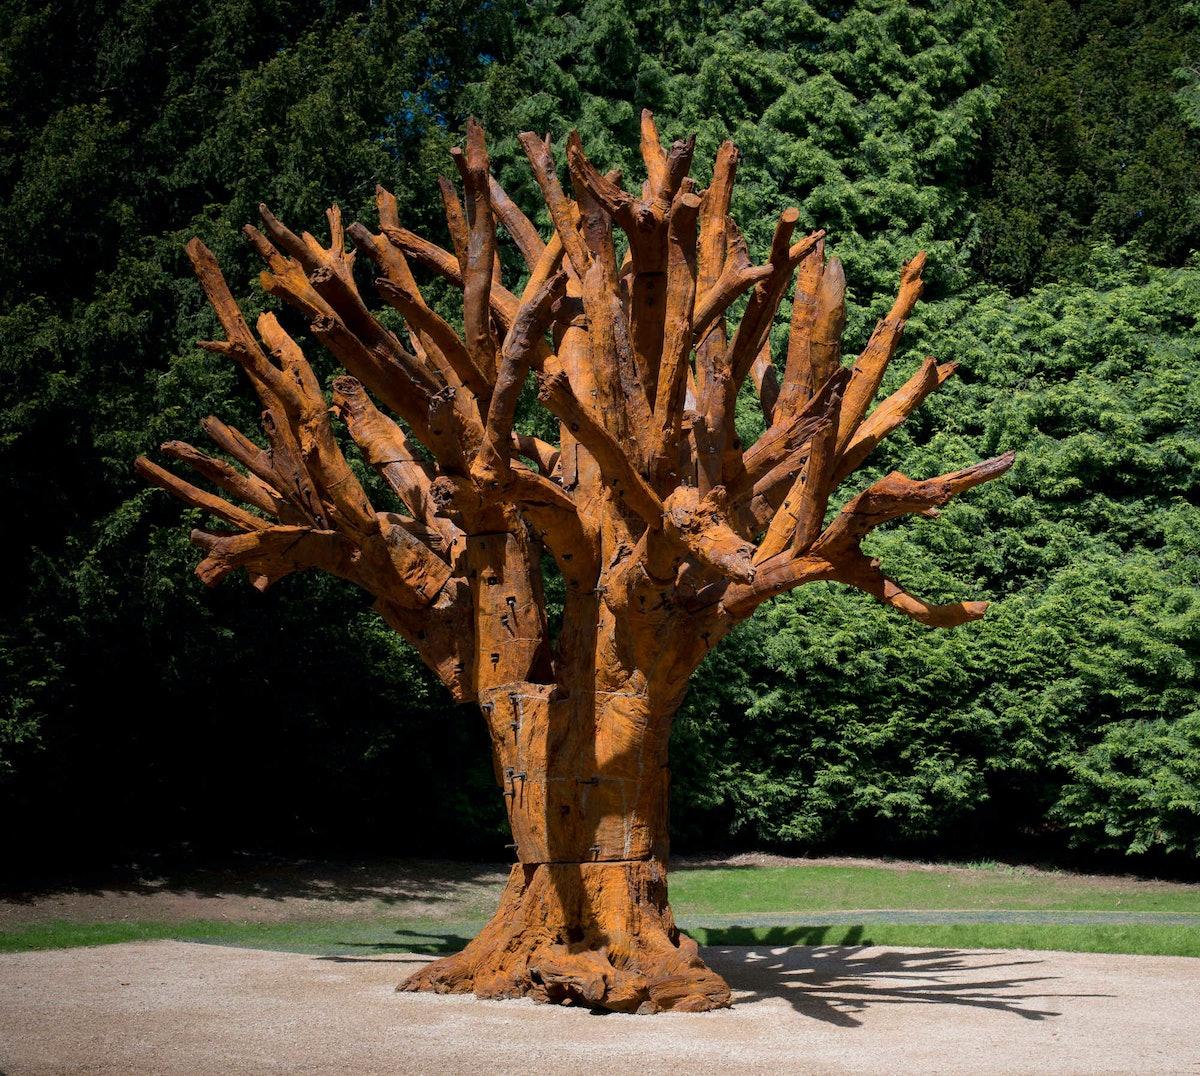 2020_NYR_19633_0001_000(ai_weiwei_iron_tree)A